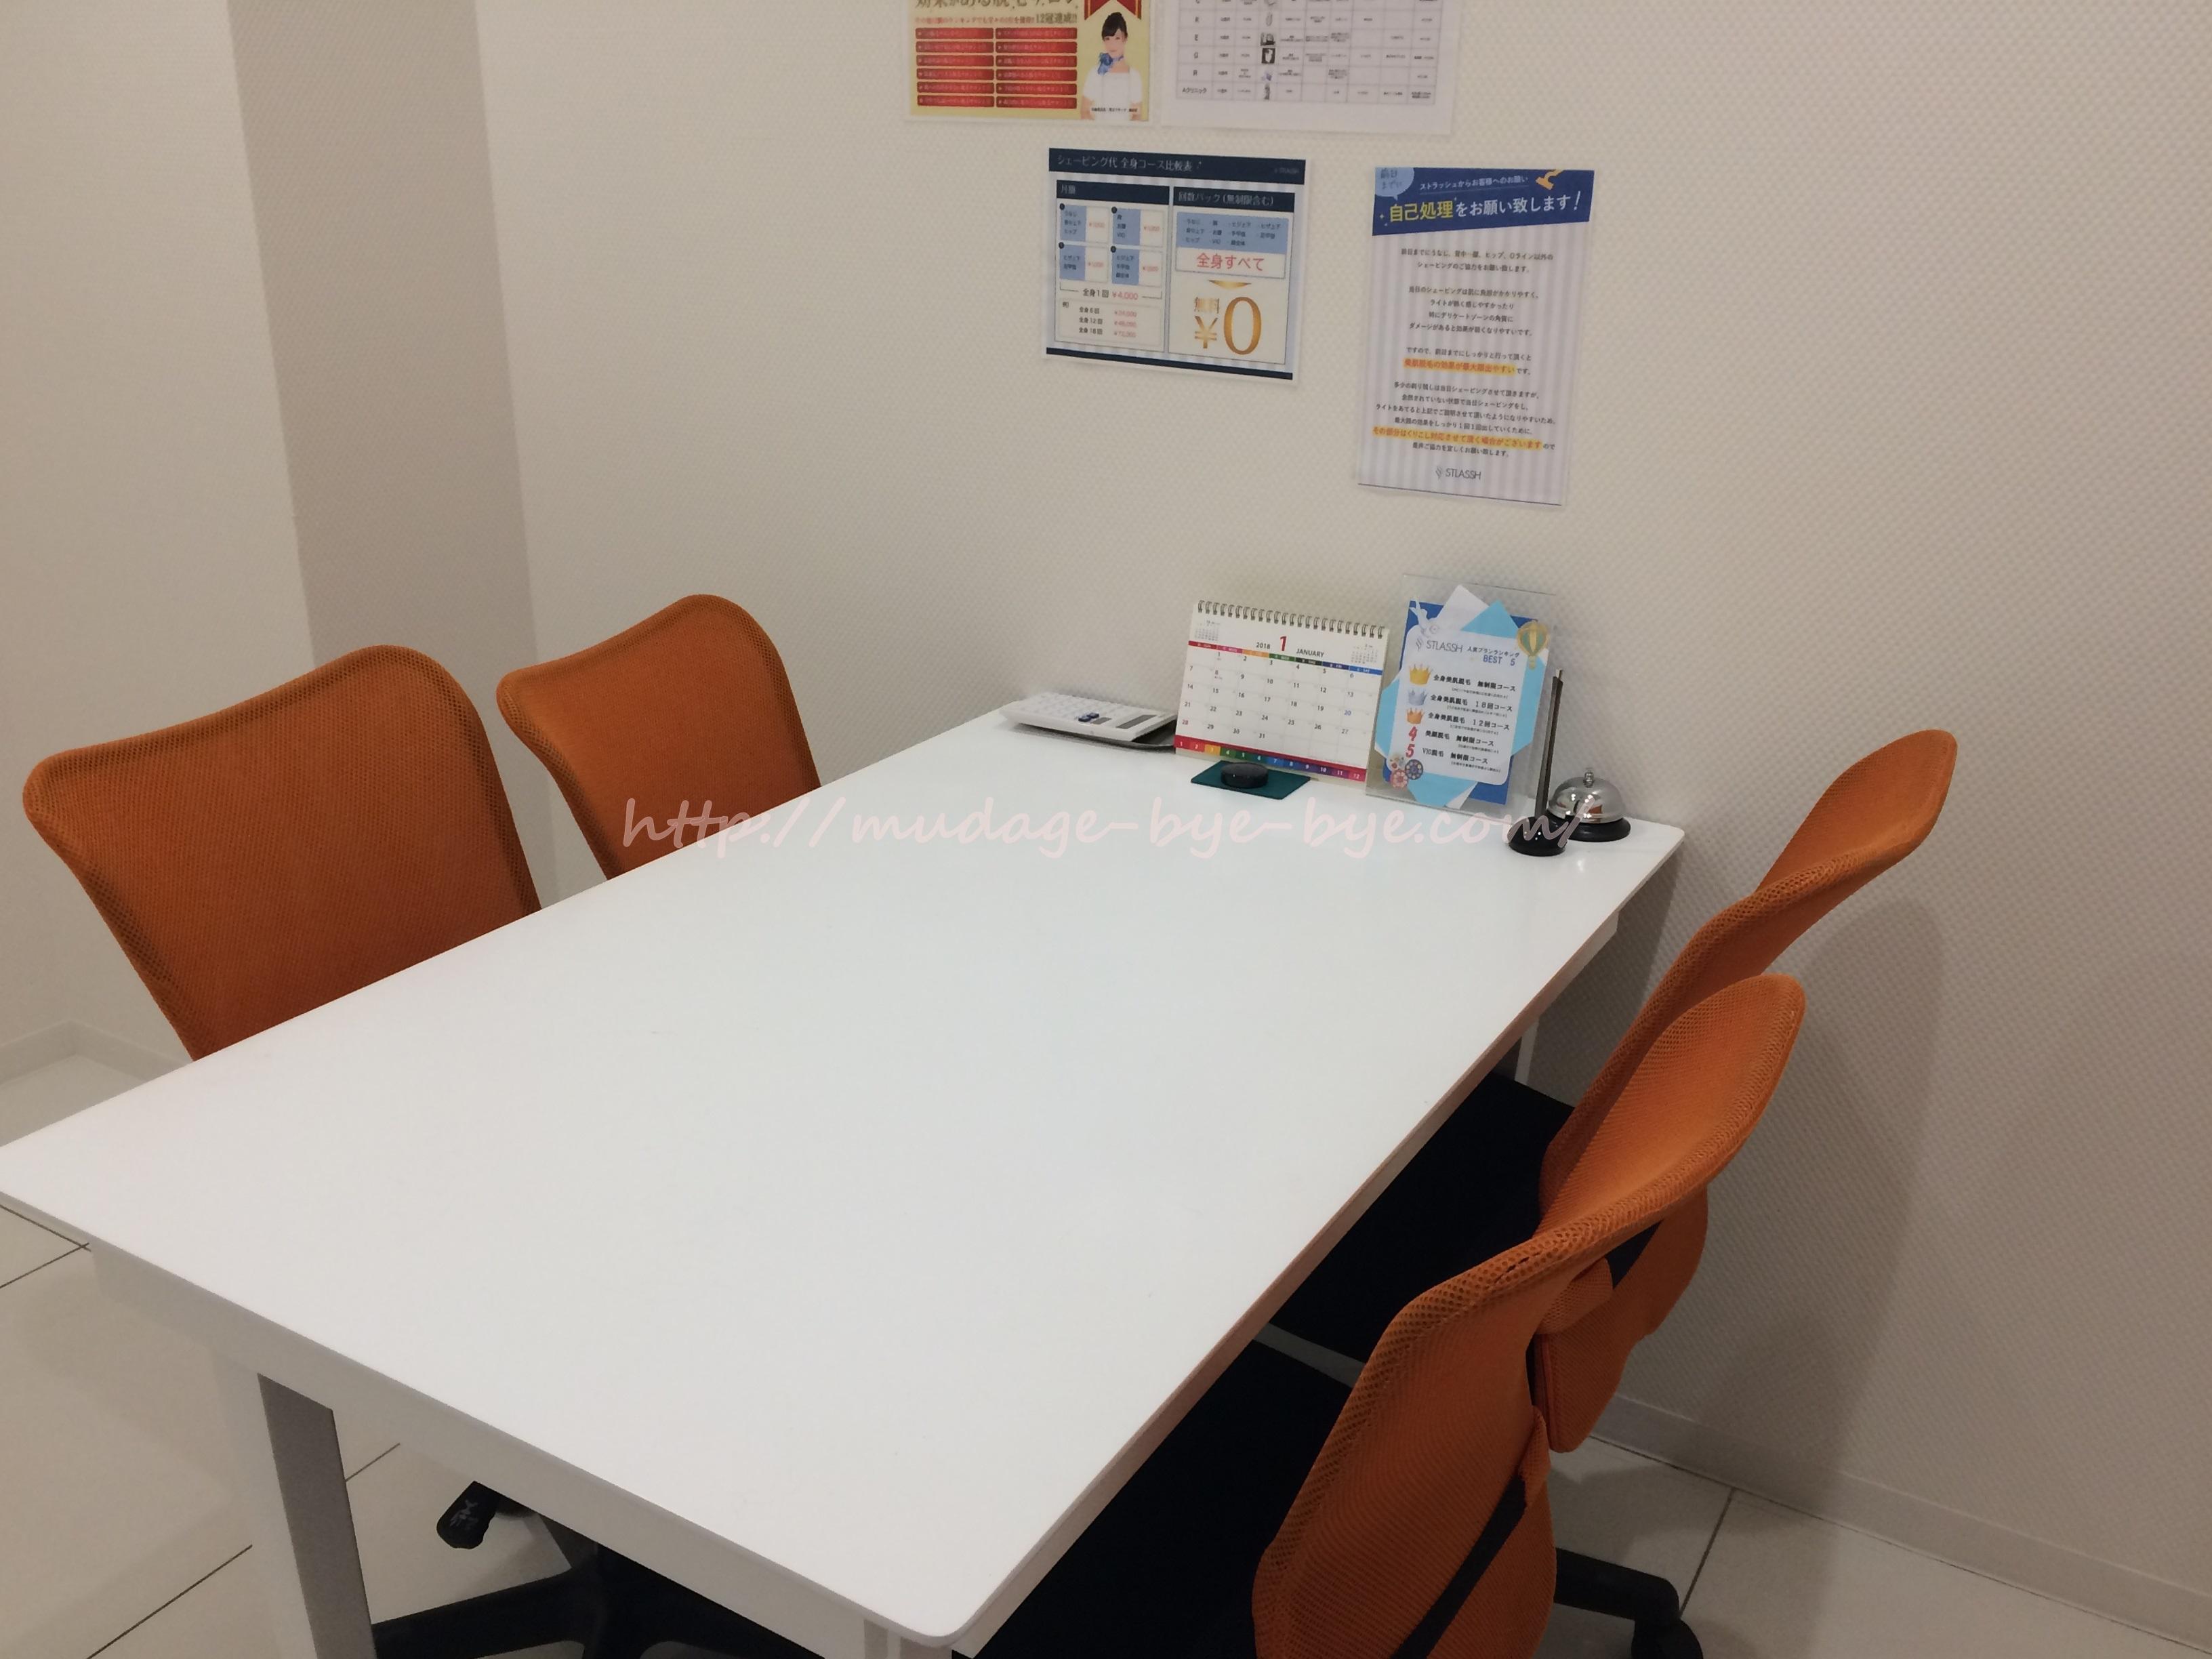 stlasshcounselingroom